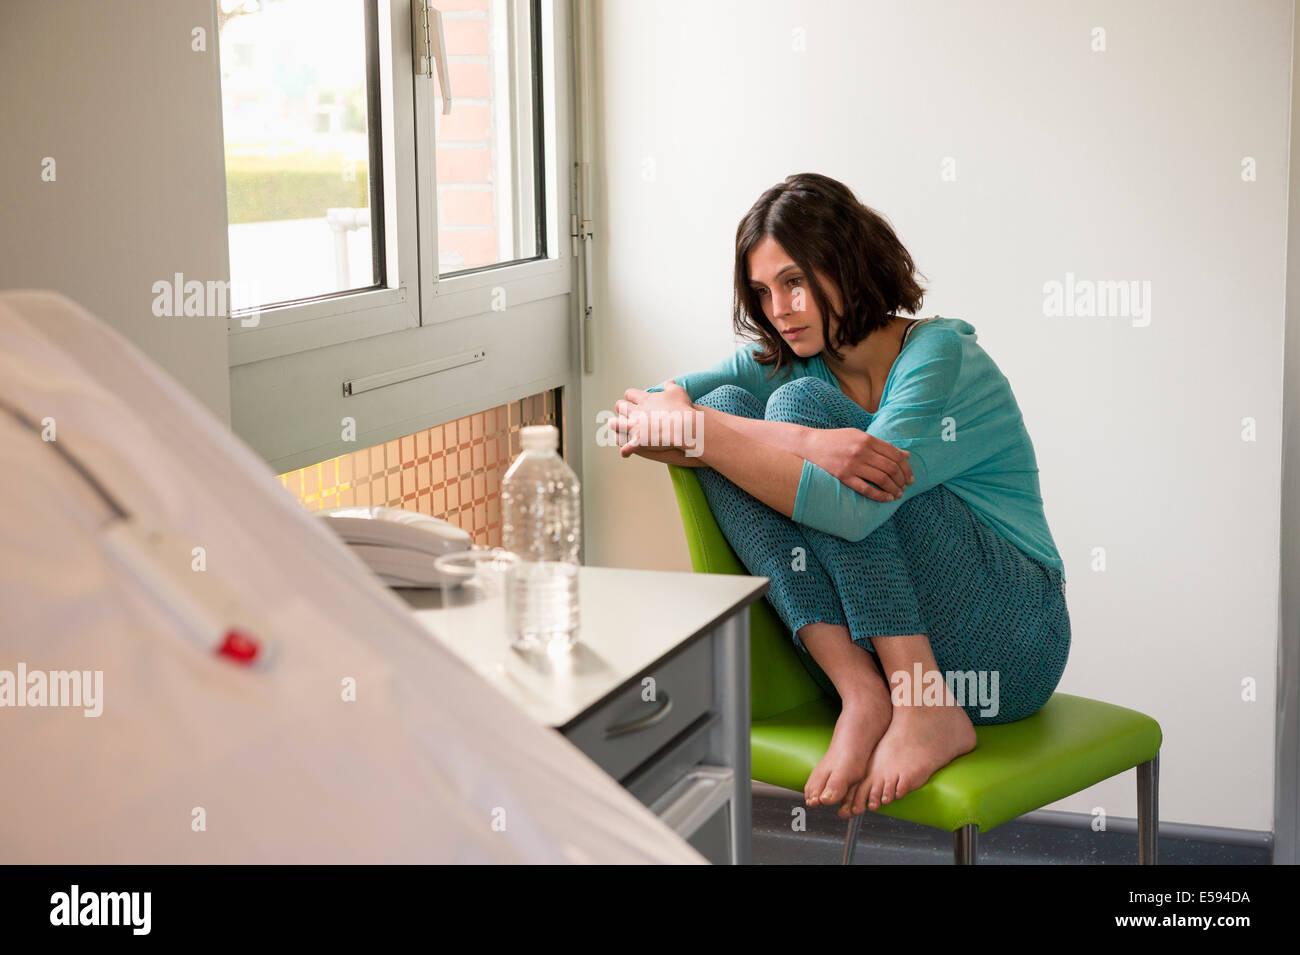 Femmina paziente depresso seduto sulla sedia in un ospedale Immagini Stock